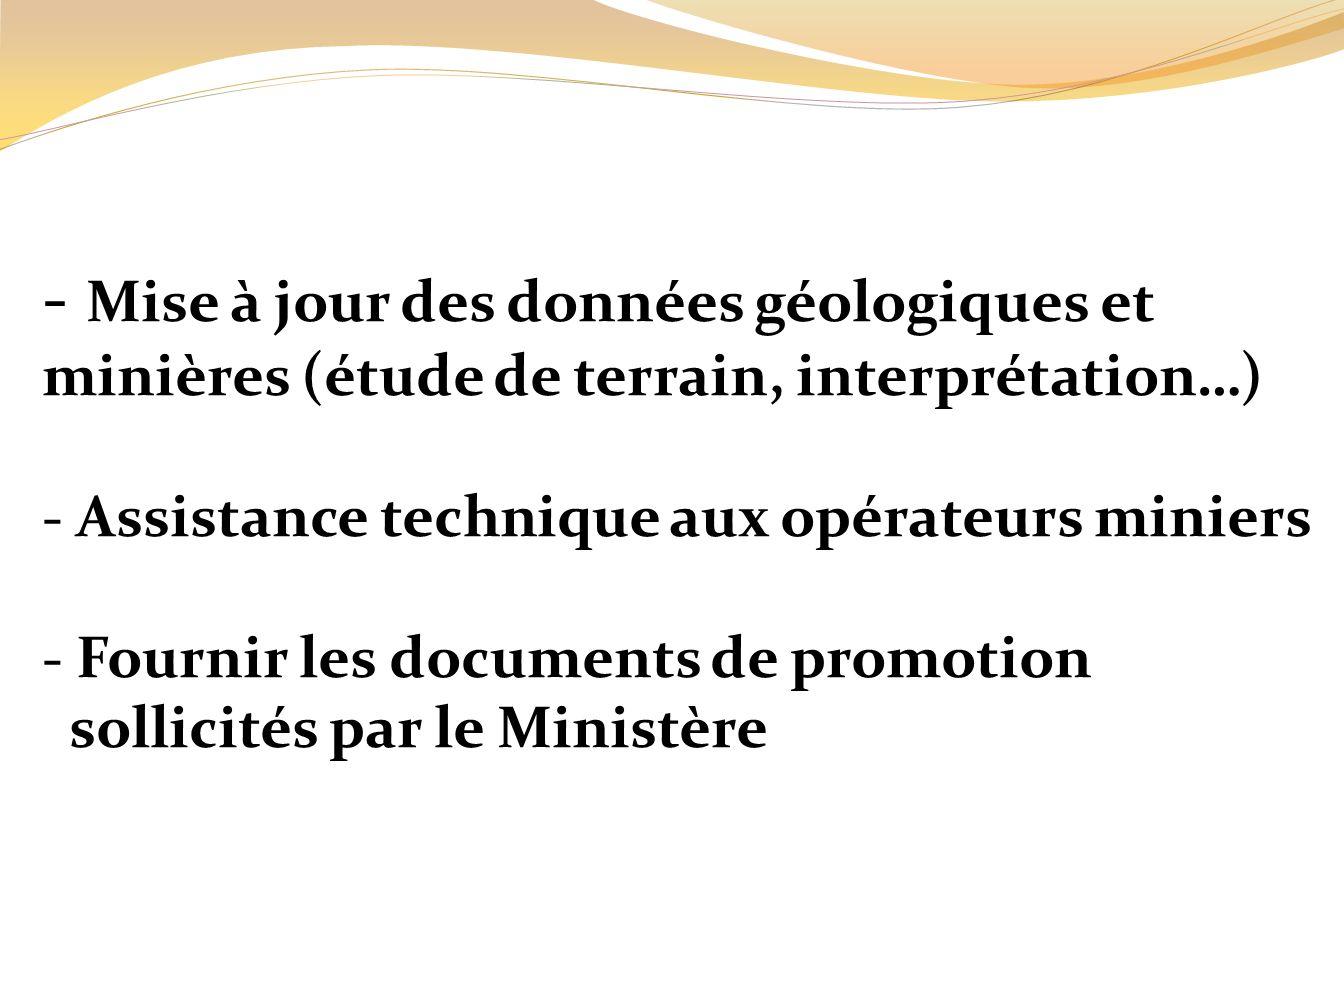 - Mise à jour des données géologiques et minières (étude de terrain, interprétation…) - Assistance technique aux opérateurs miniers - Fournir les documents de promotion sollicités par le Ministère